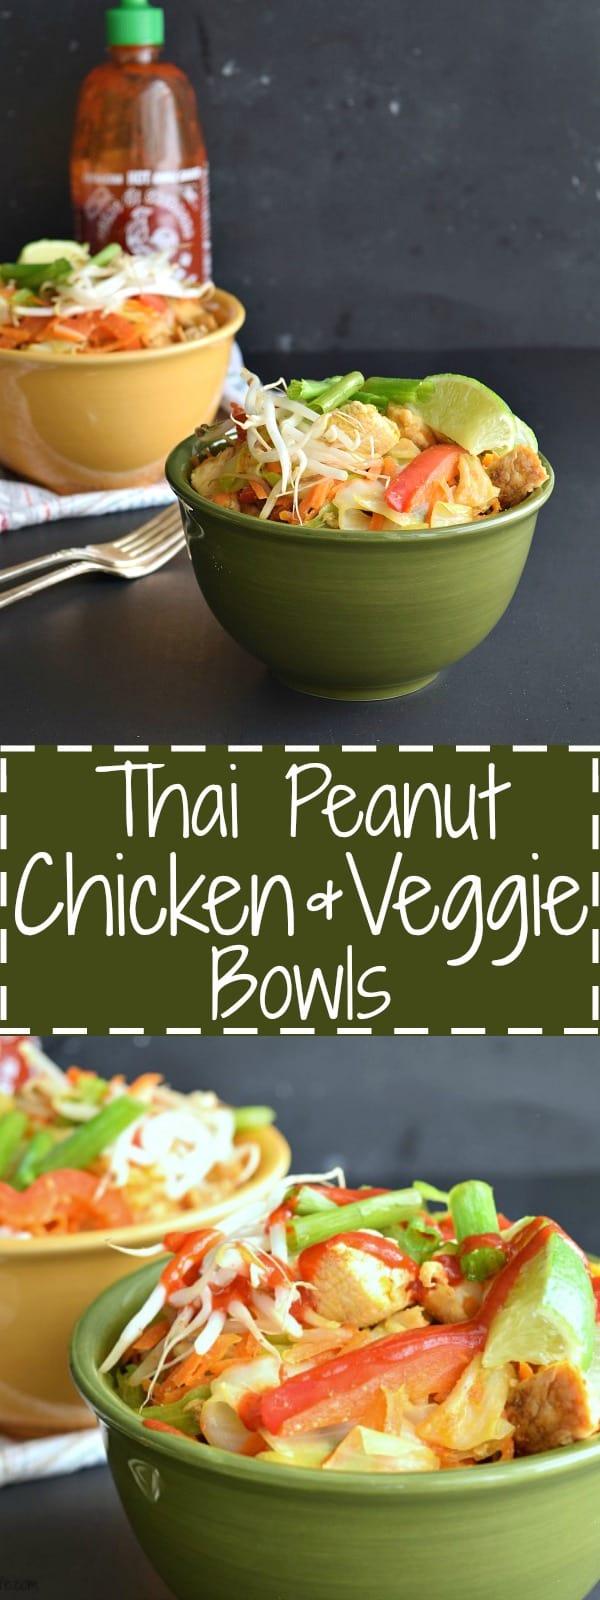 Thai Peanut Chicken & Veggie Bowls